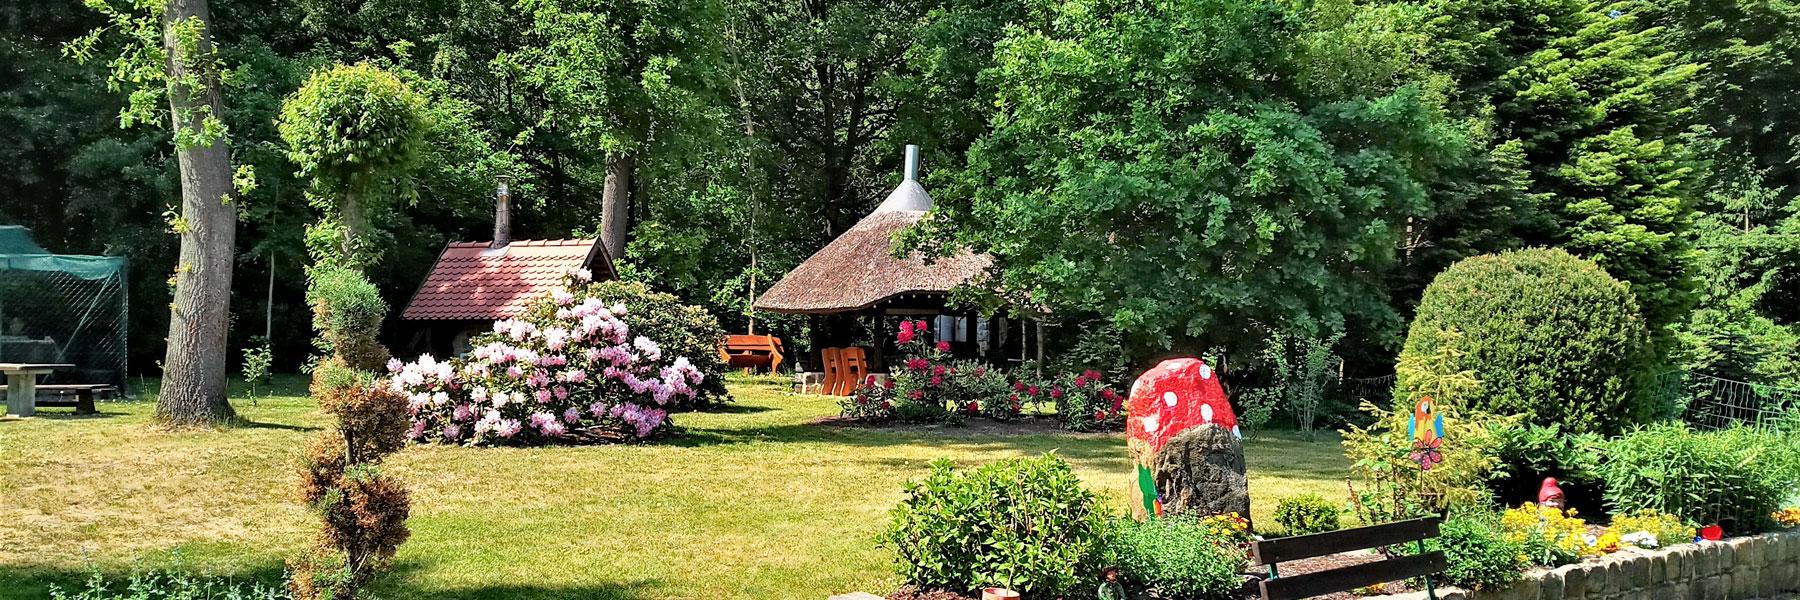 Garten - Ferienhaus Lippert